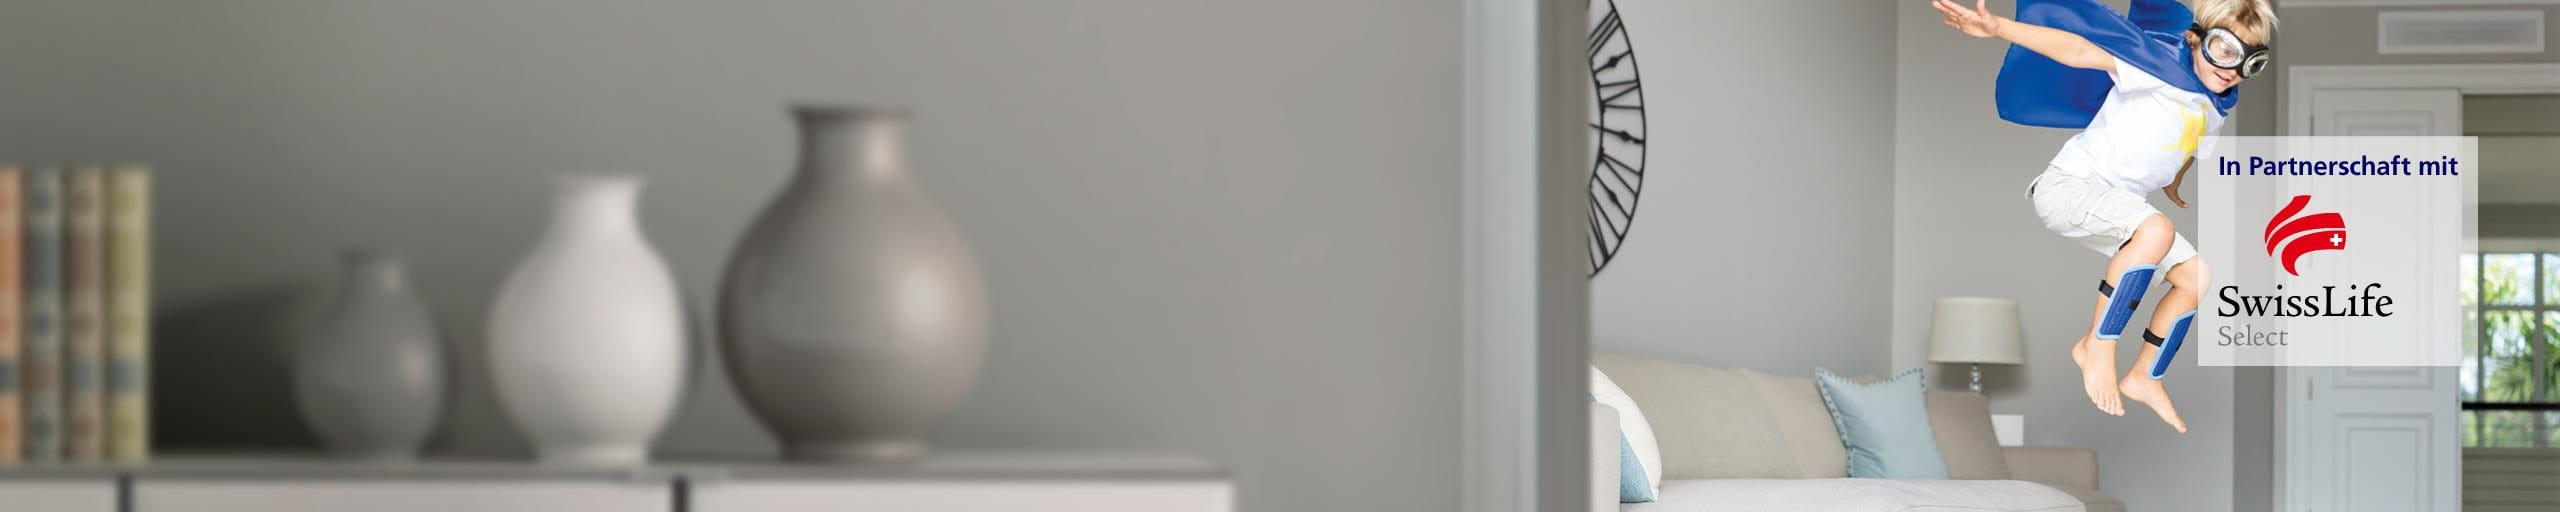 Swiss Life Select Prämienrechner Hausratversicherung Zurich